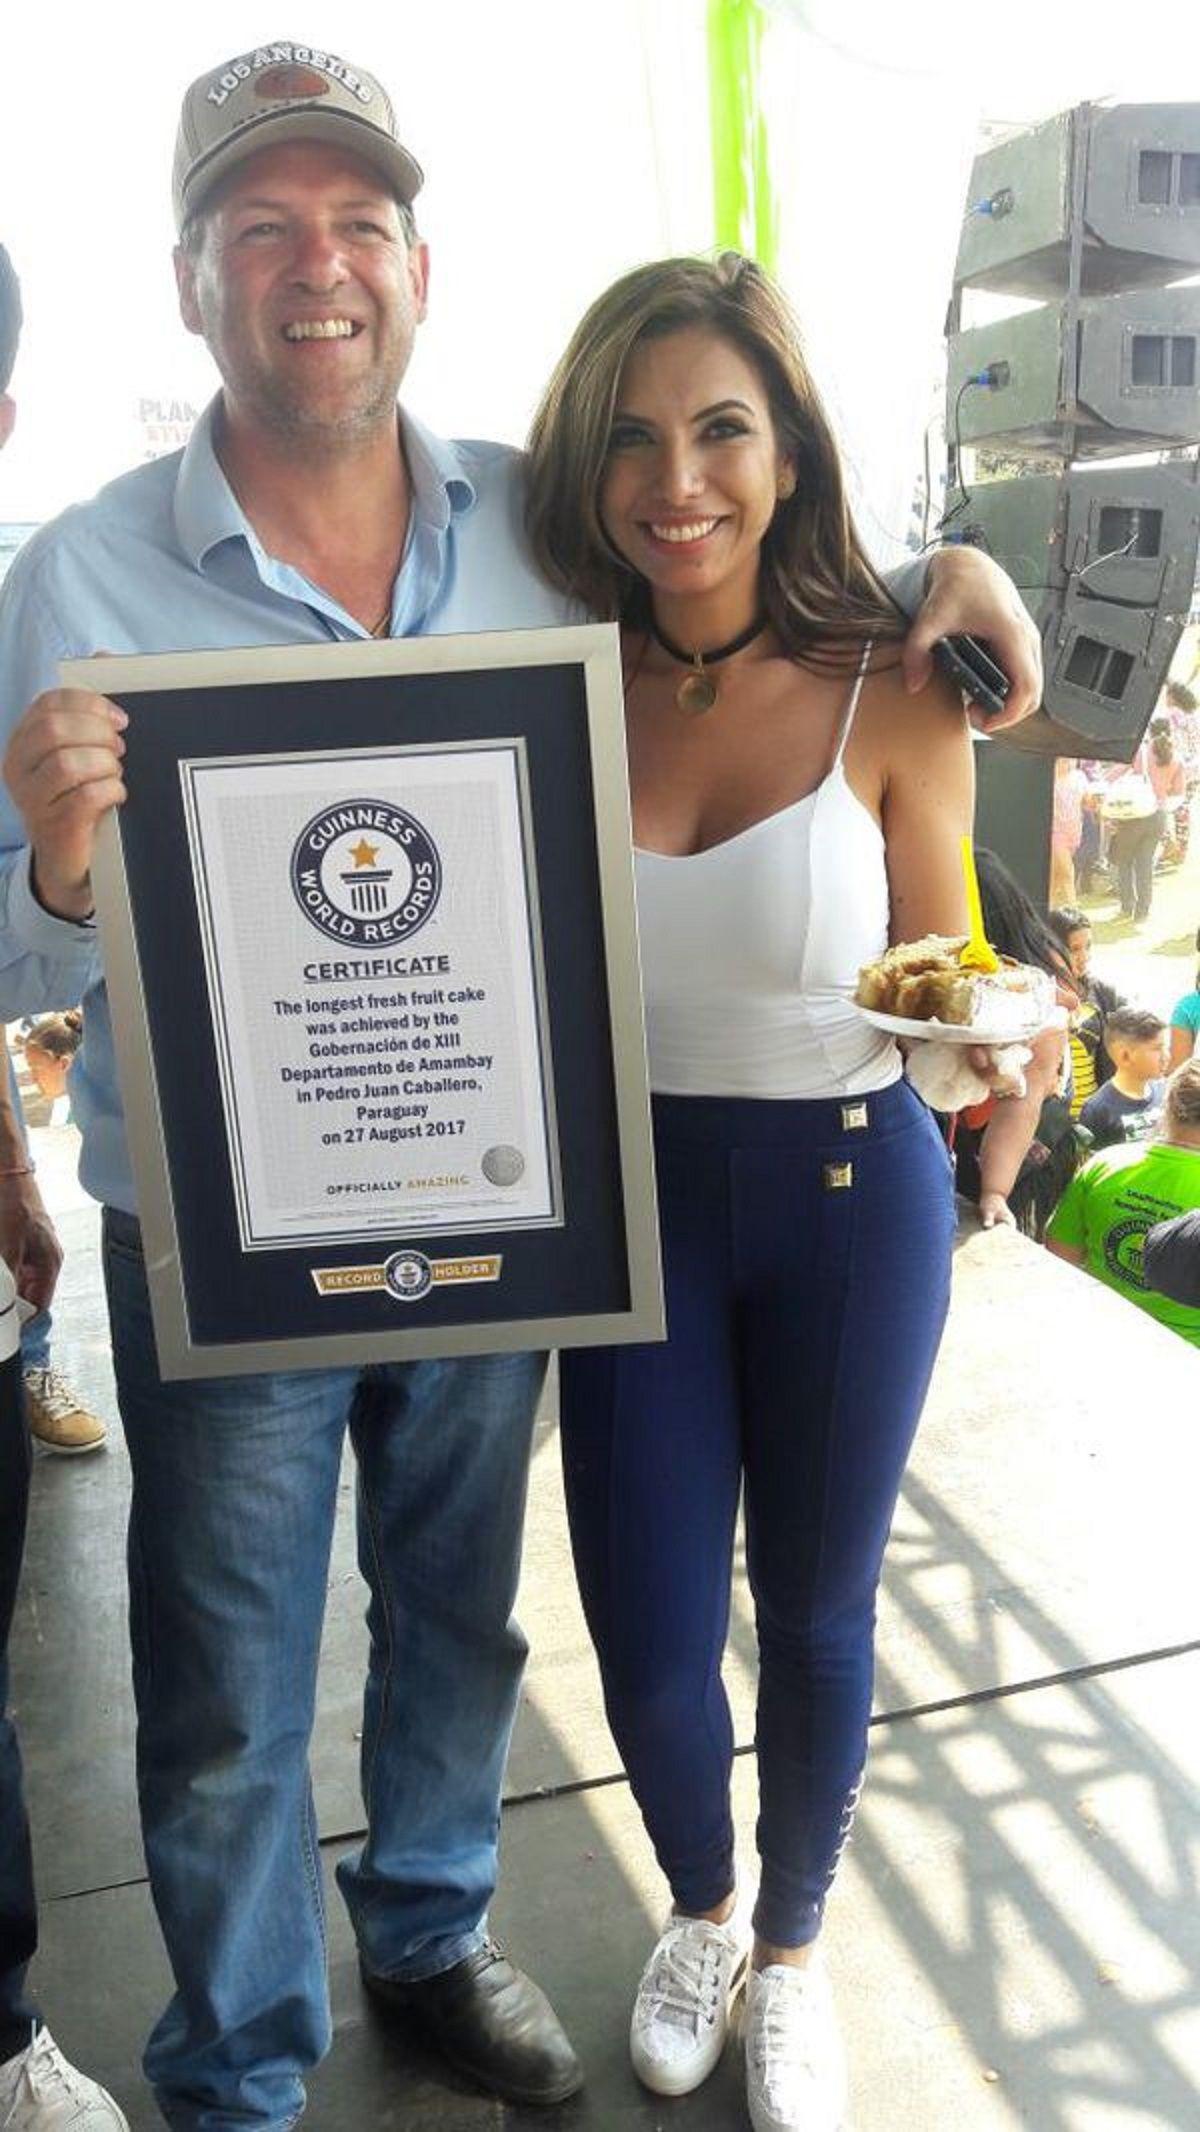 Así exhibían el certificado del Guinness